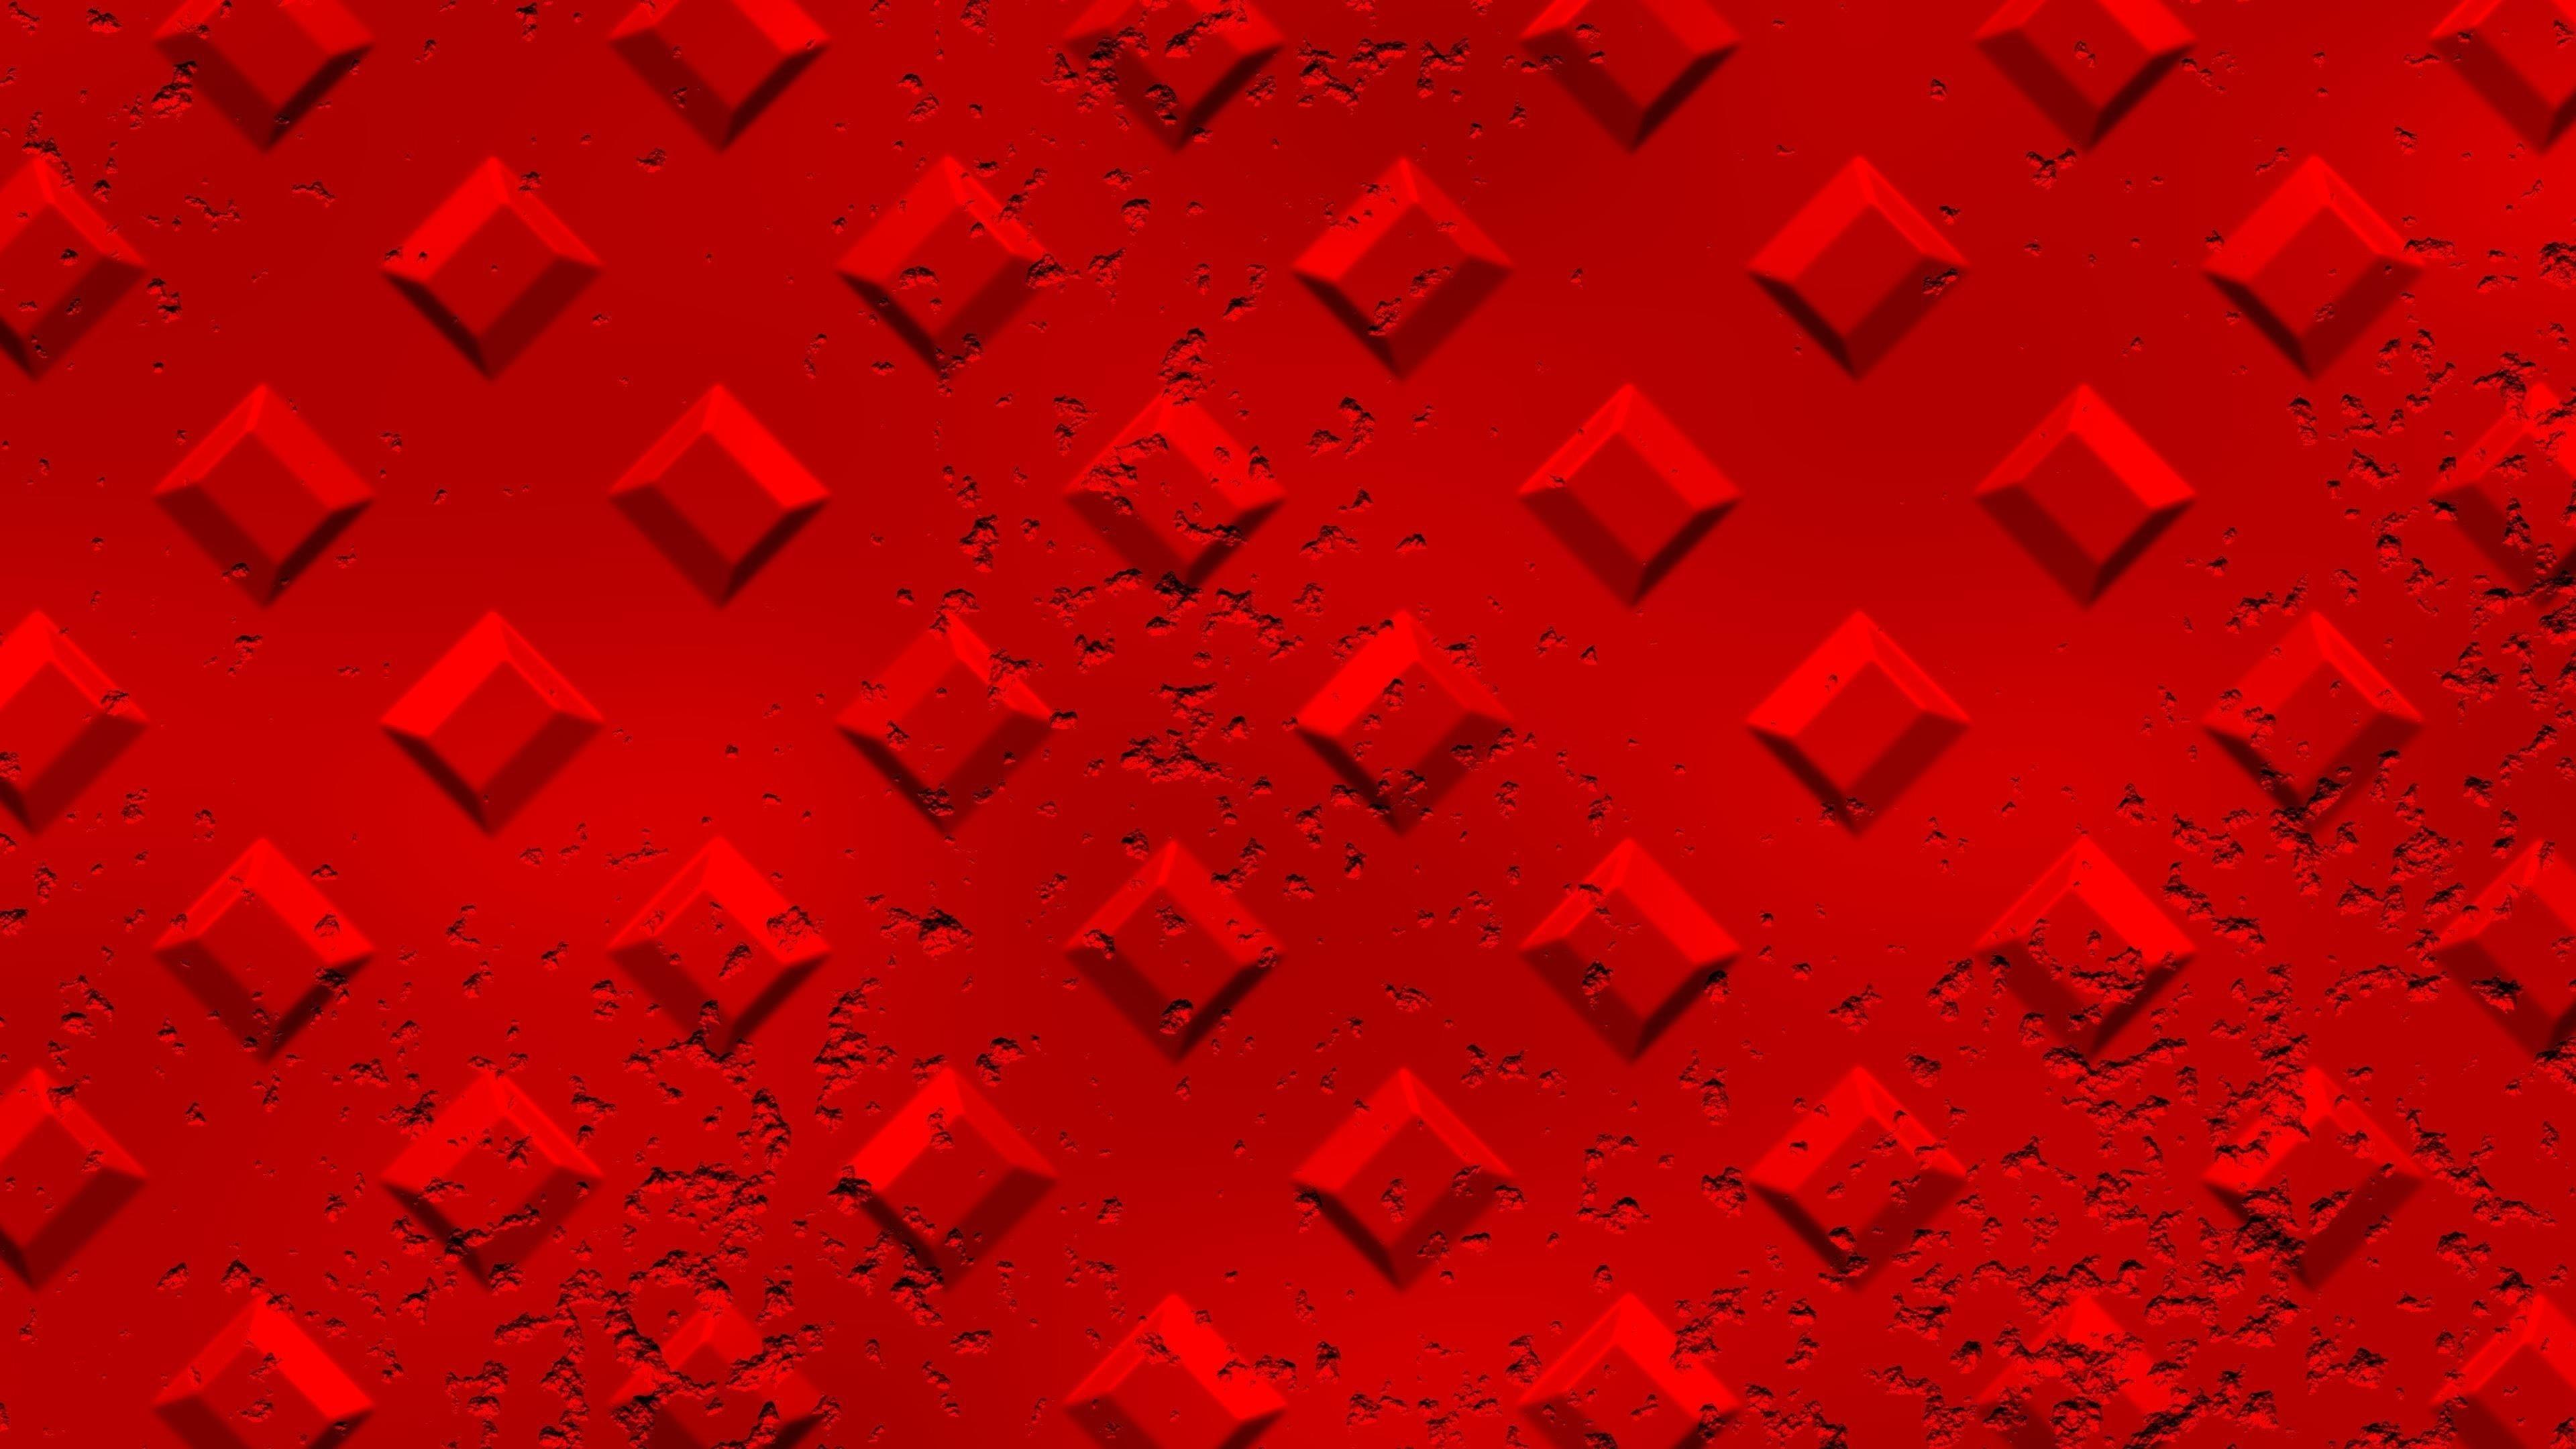 Красный графический дизайн обои скачать